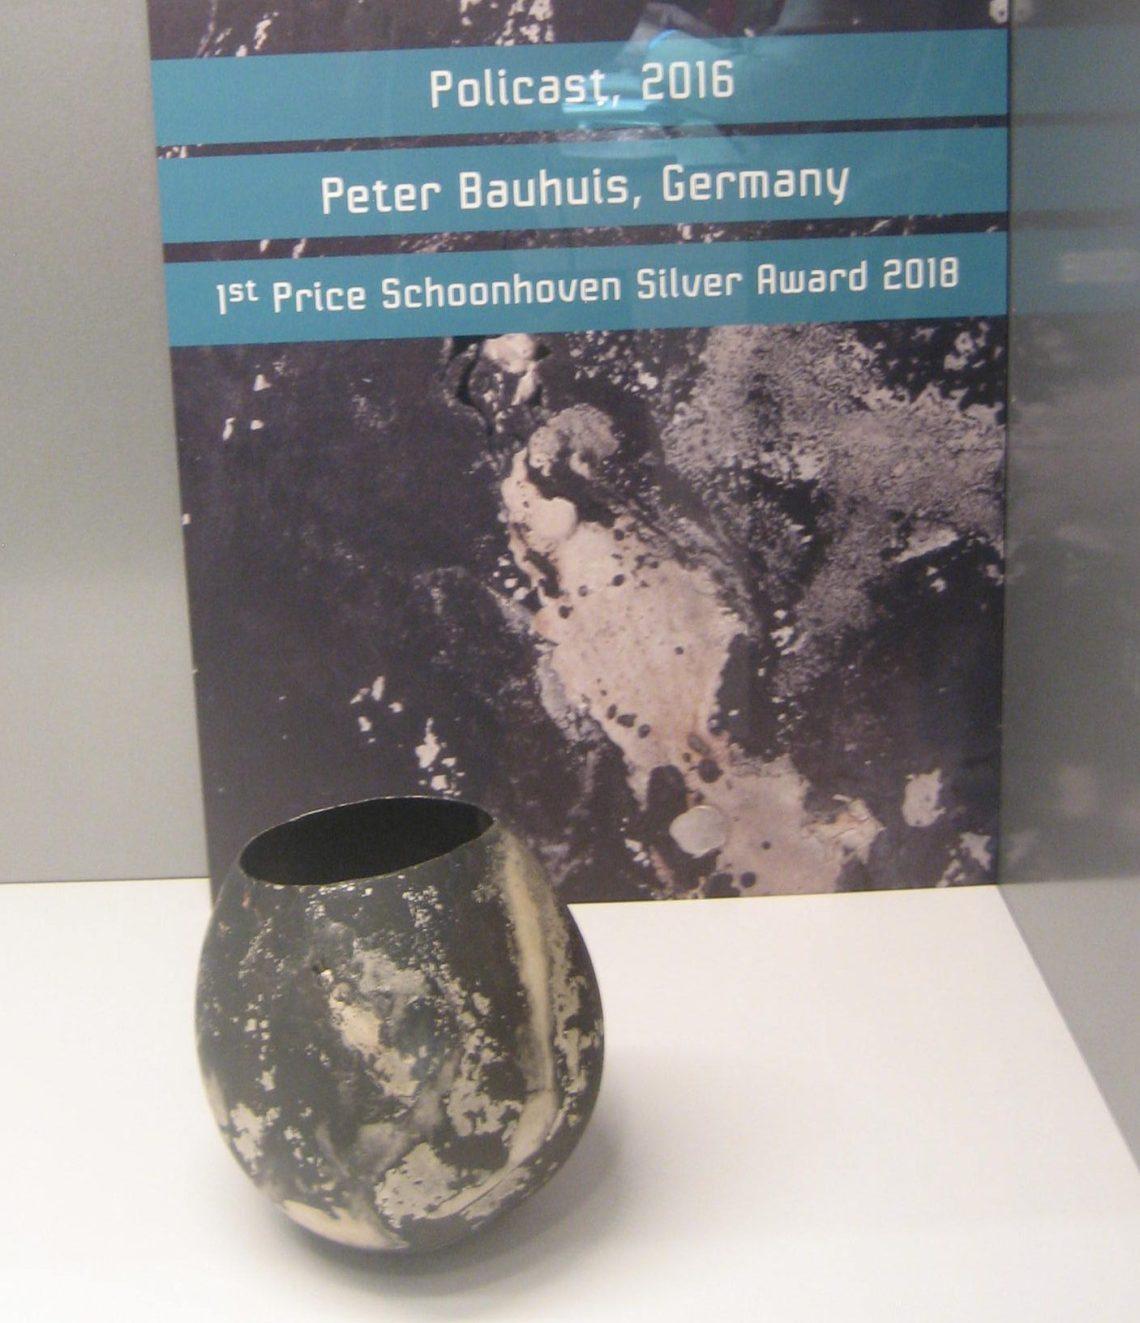 Peter Bauhuis, Policast, 2016. Foto Esther Doornbusch, 29 maart 2019, CC BY 4.0